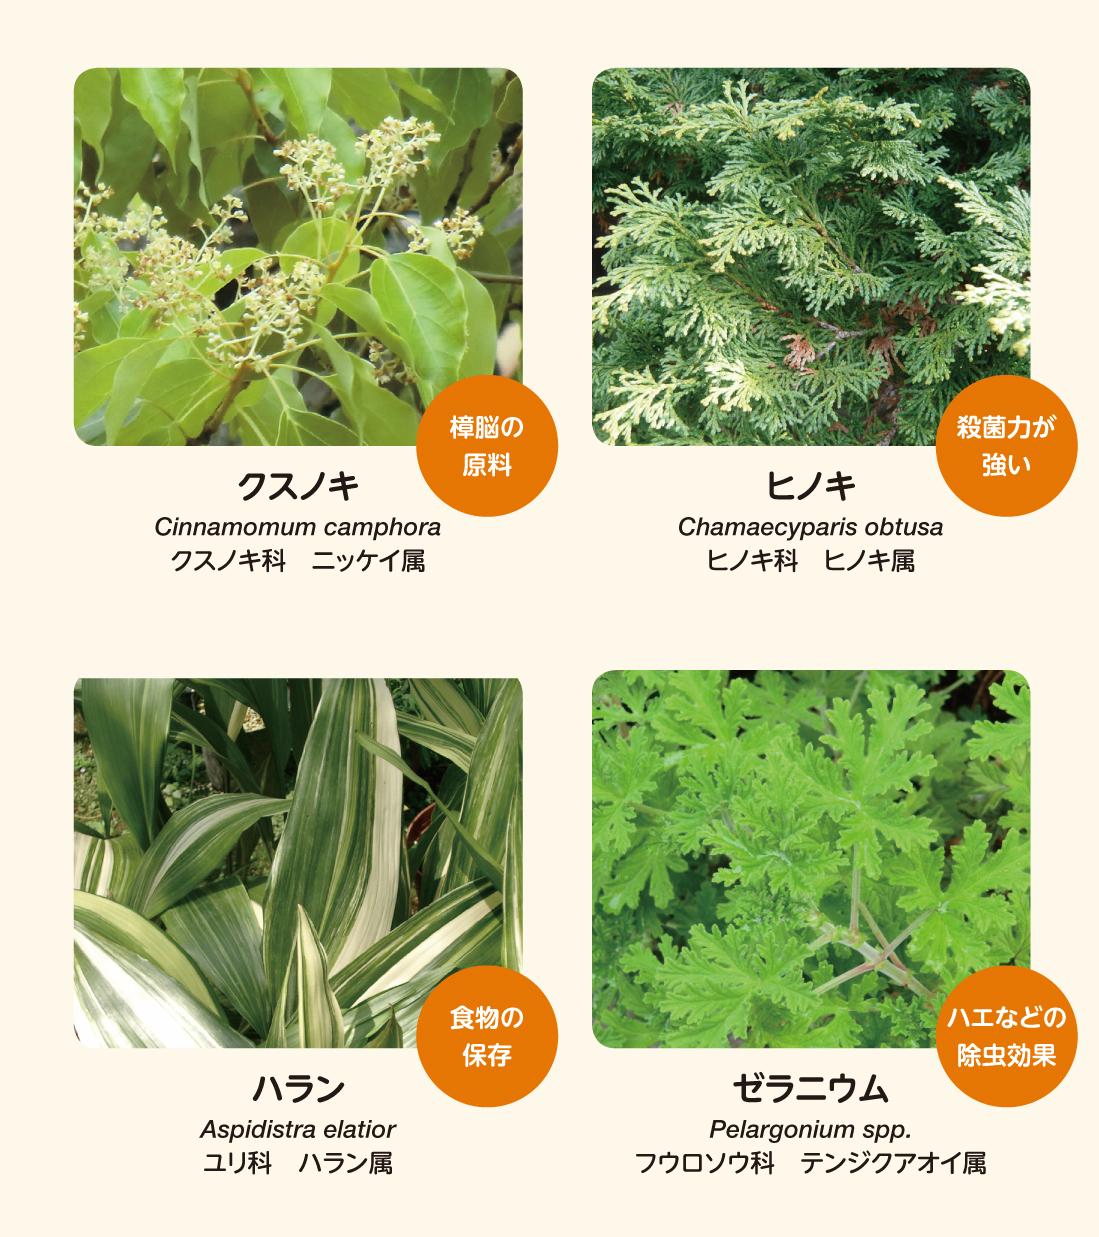 病気予防・防虫効果のある植物たち